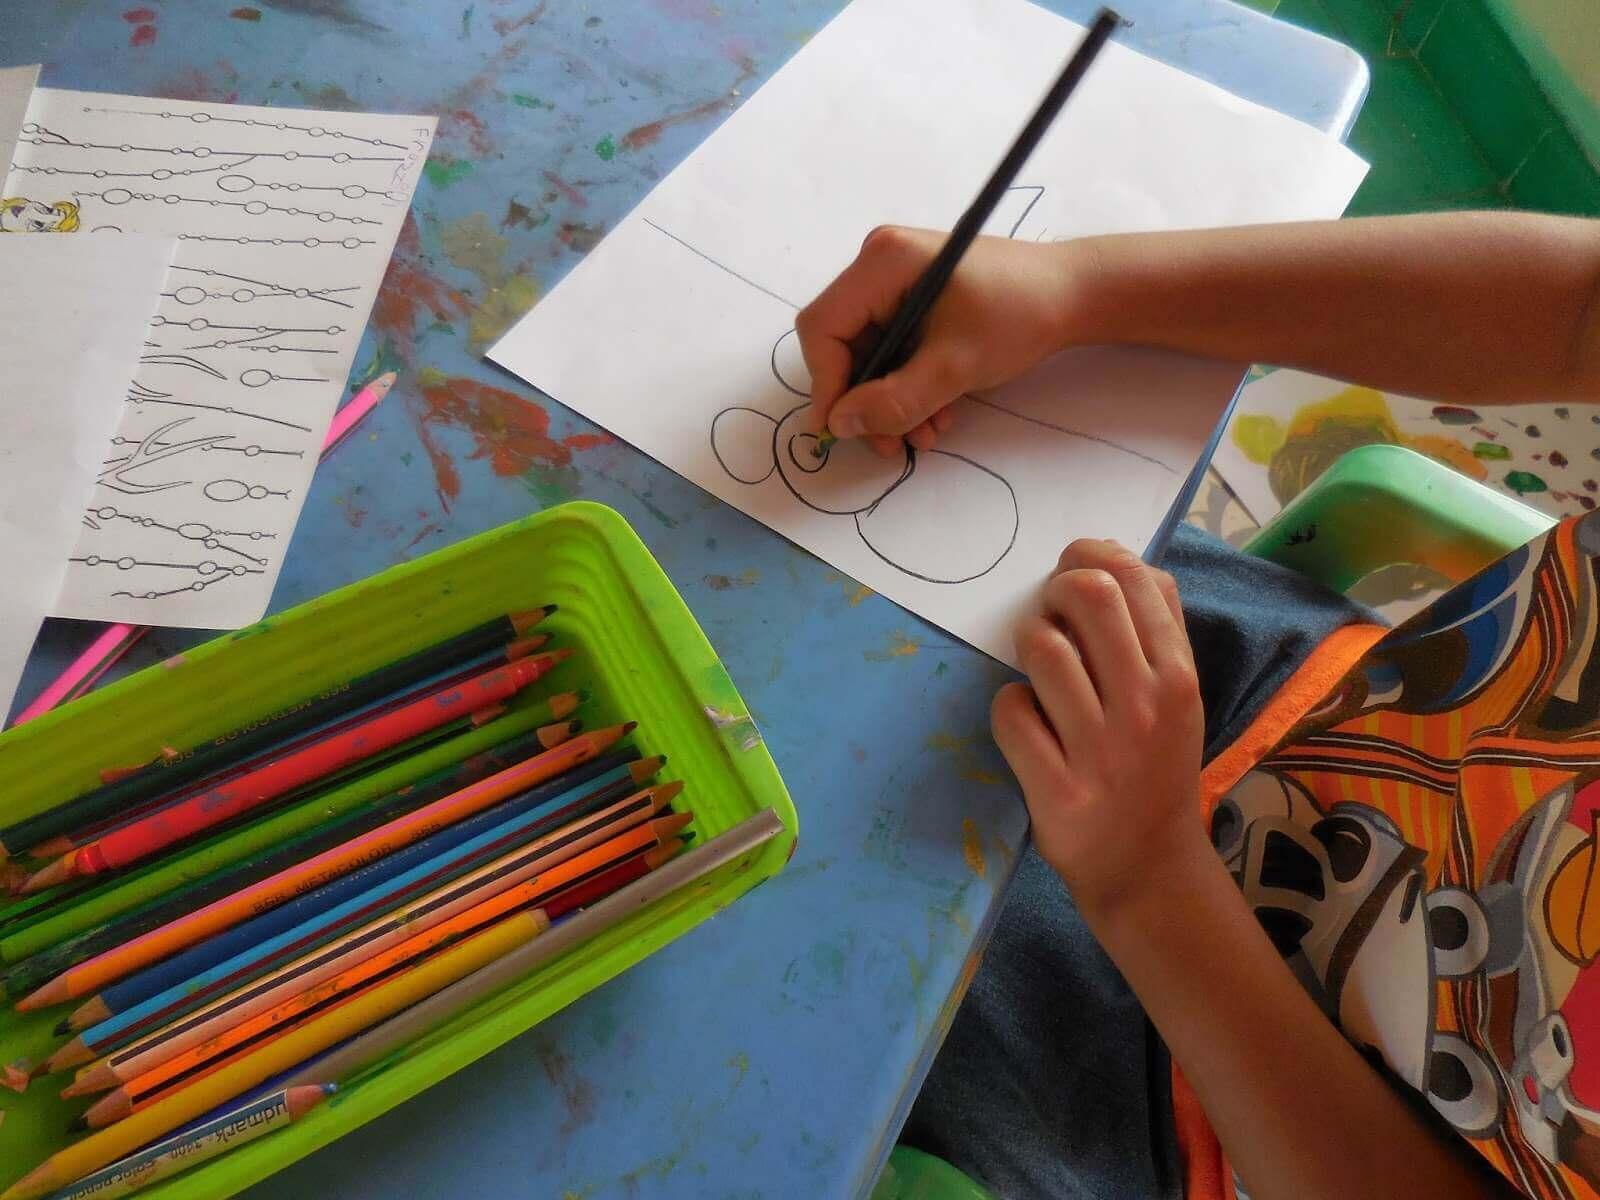 Lapsen piirustustaidon kehittyminen tapahtuu vaiheittain